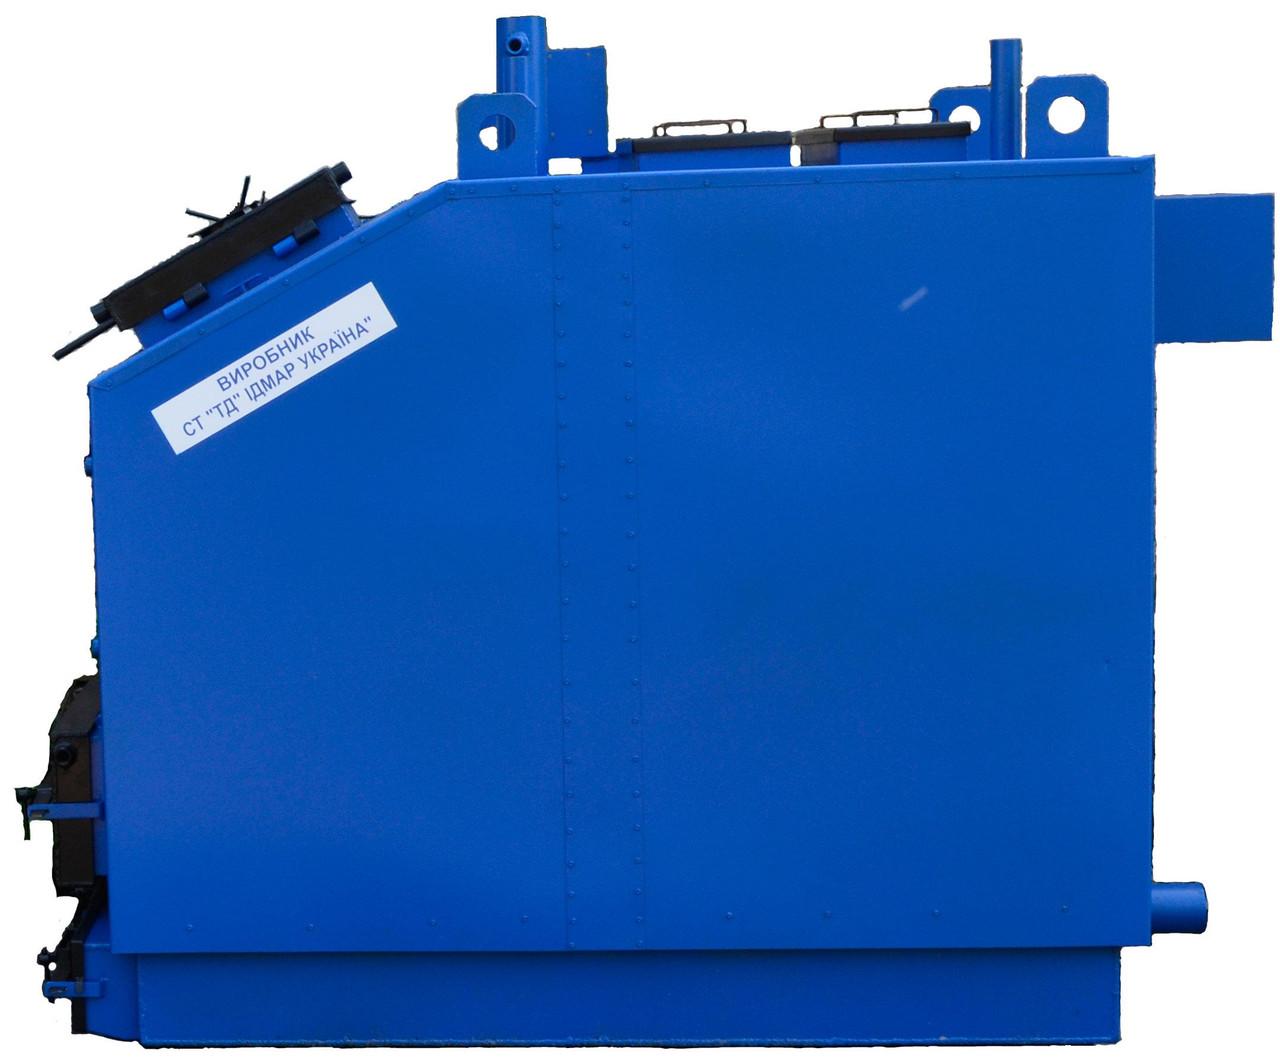 Твердотопливный котел Idmar 150 Квт KW-GSN (c принудительной подачей воздуха и автоматической регулировкой)